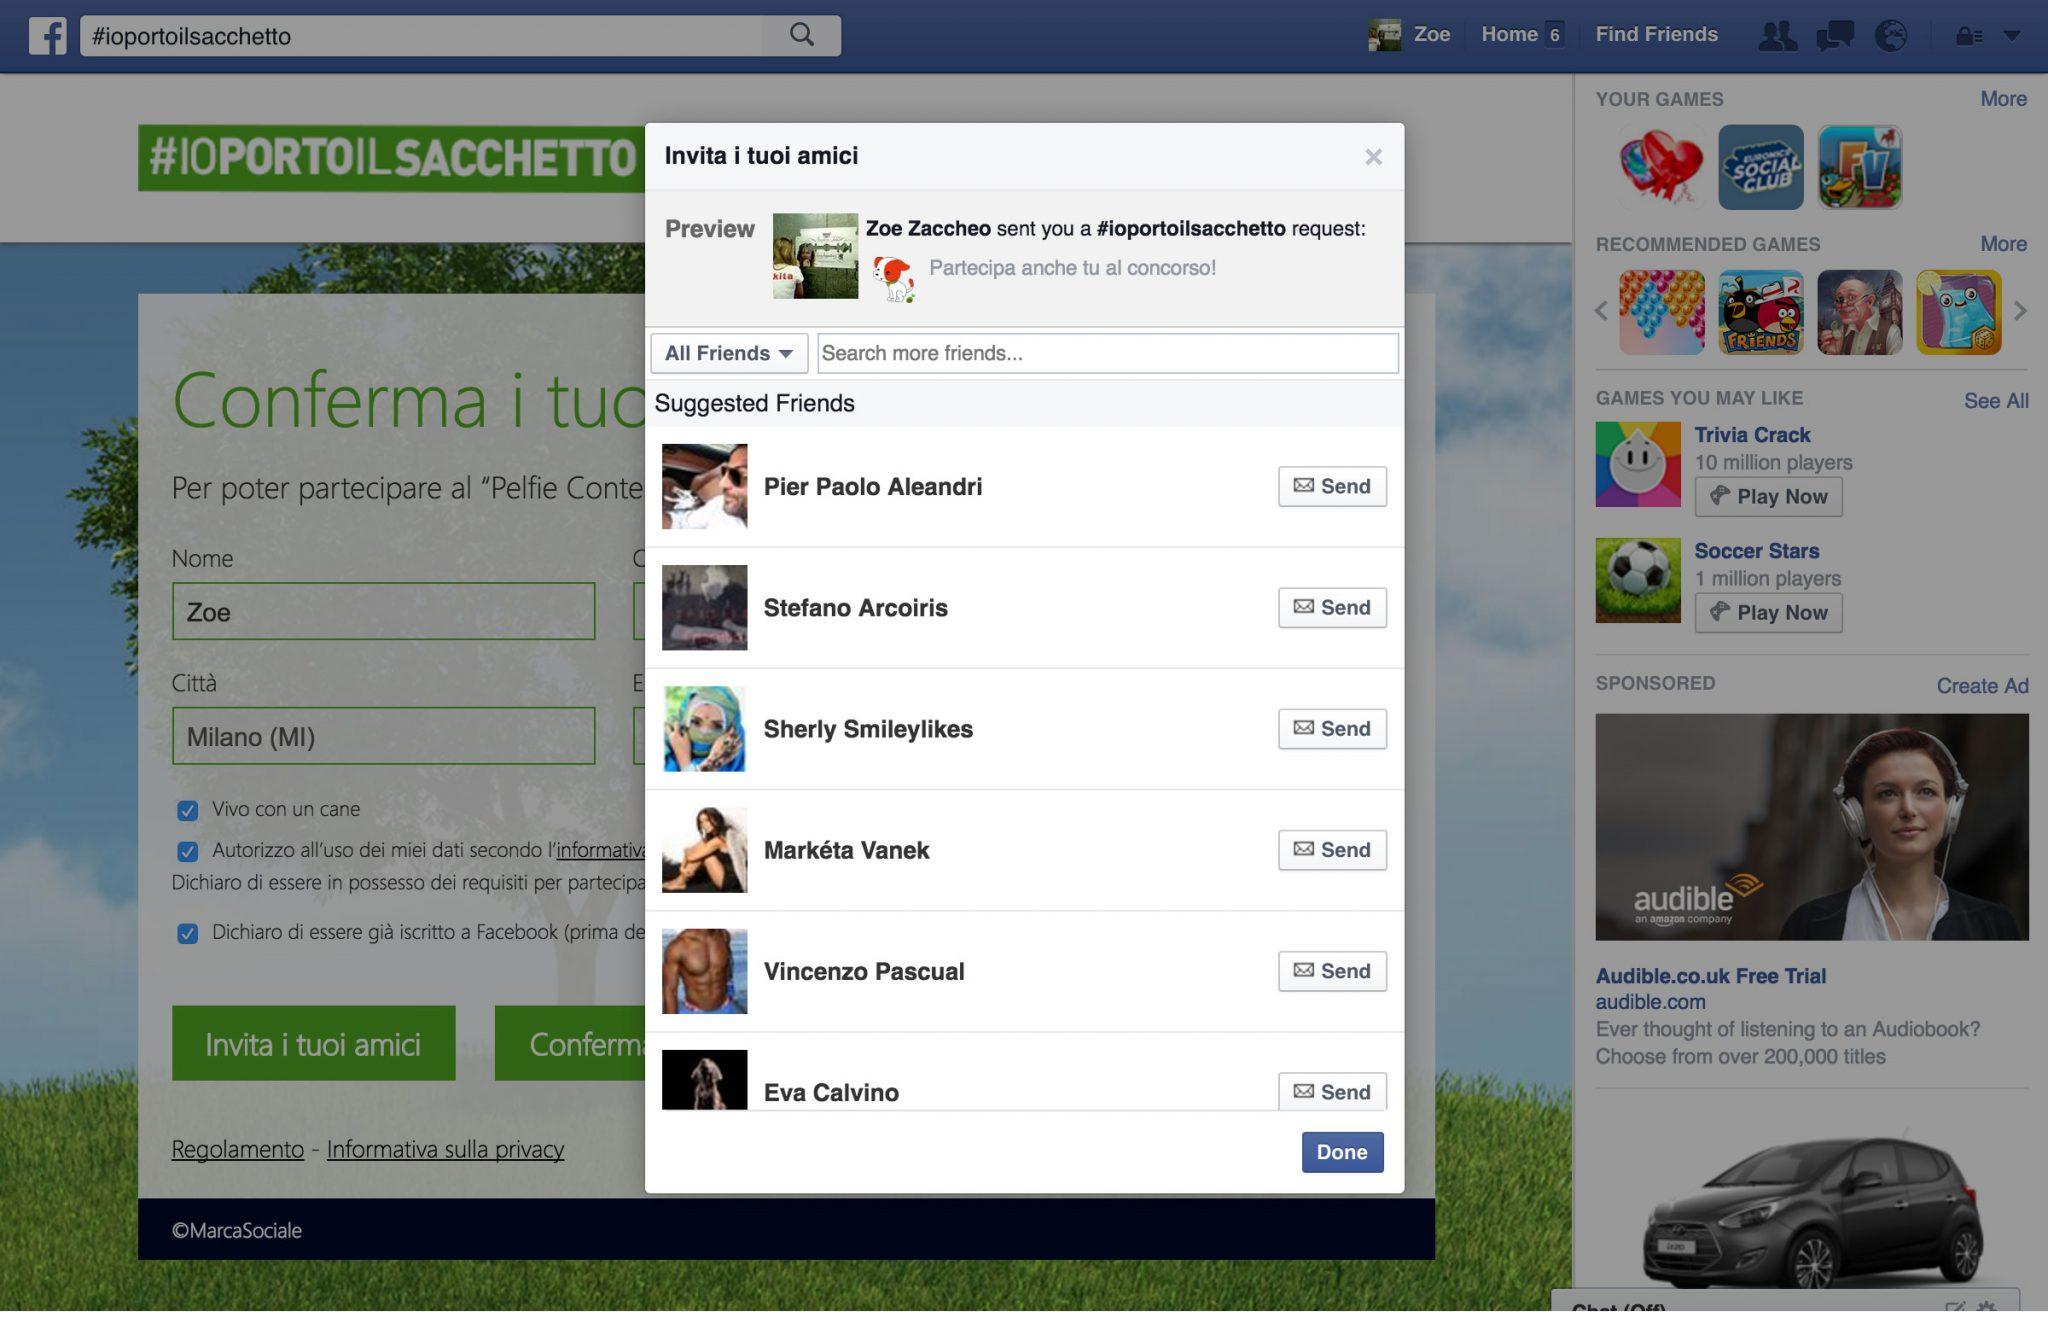 _ioportoilsacchetto-on-Facebook4